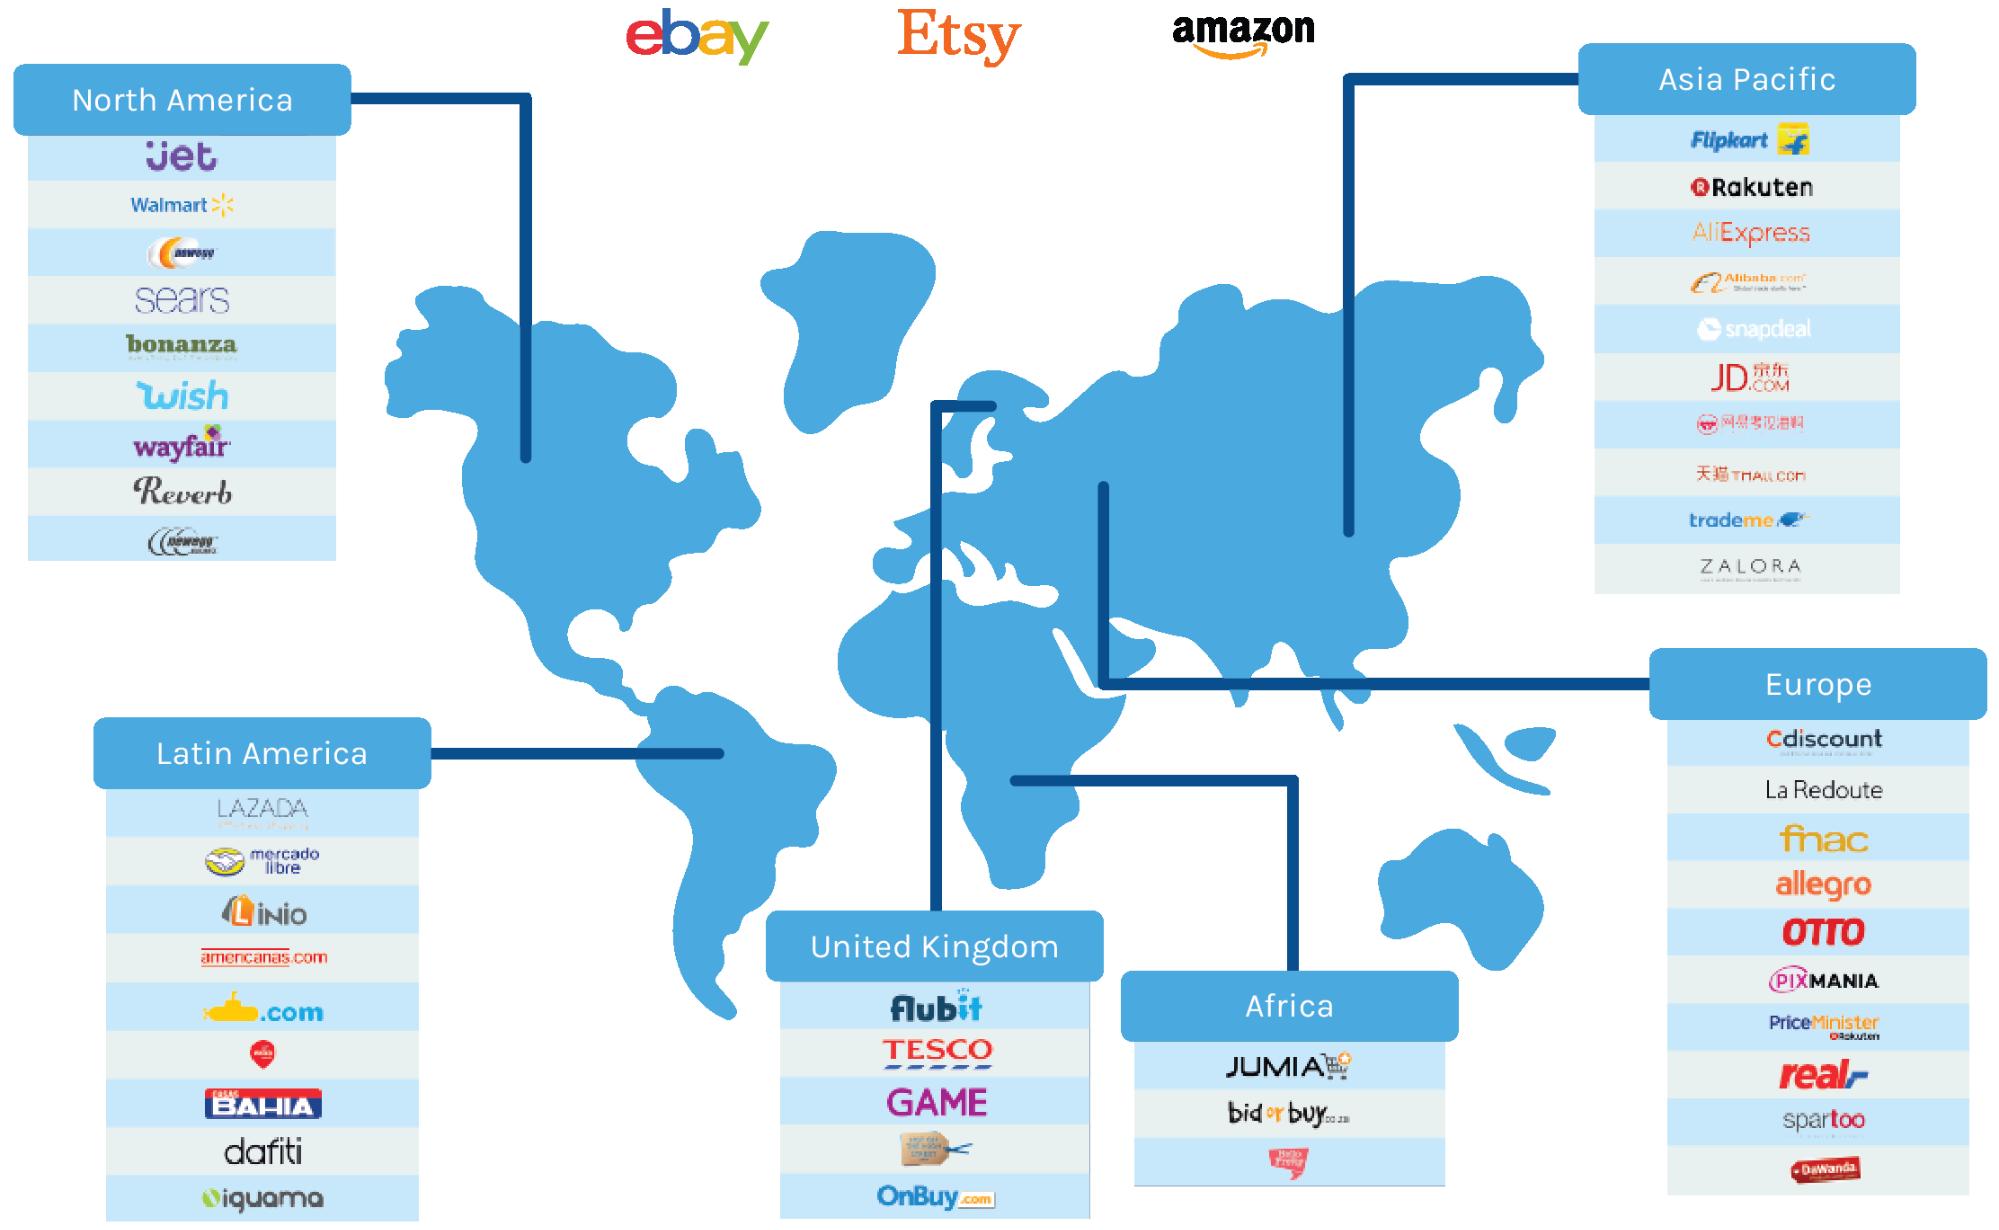 2019 Logistics Trends - Marketplaces